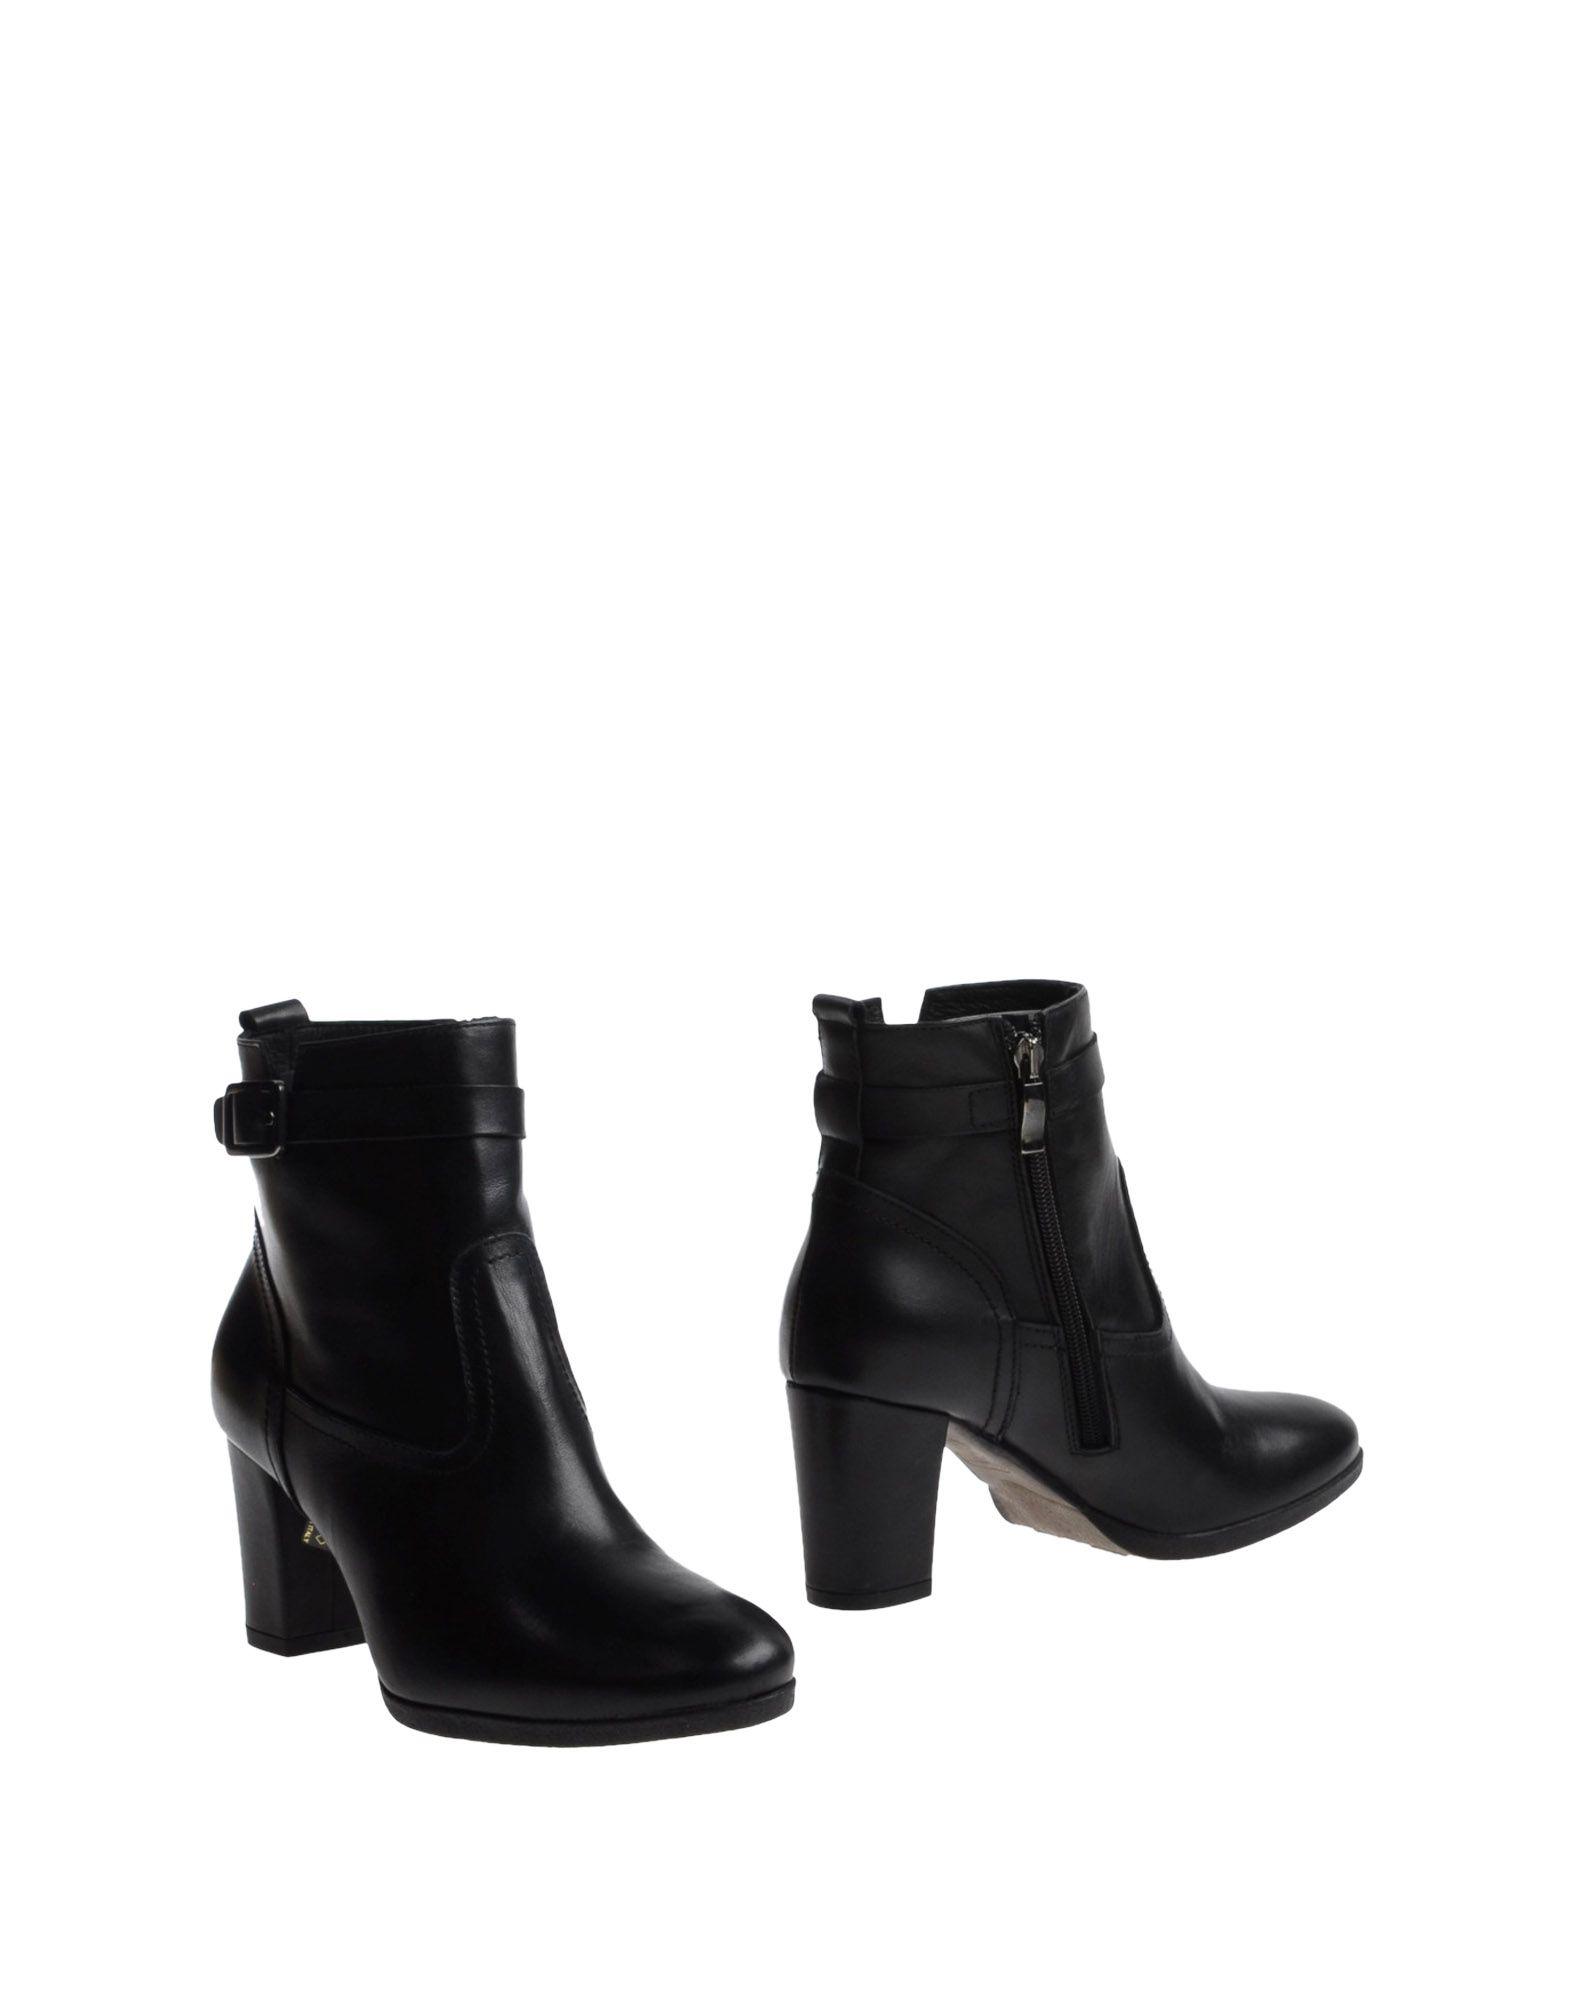 Mally 11311718KX Stiefelette Damen  11311718KX Mally Gute Qualität beliebte Schuhe 7c1b74